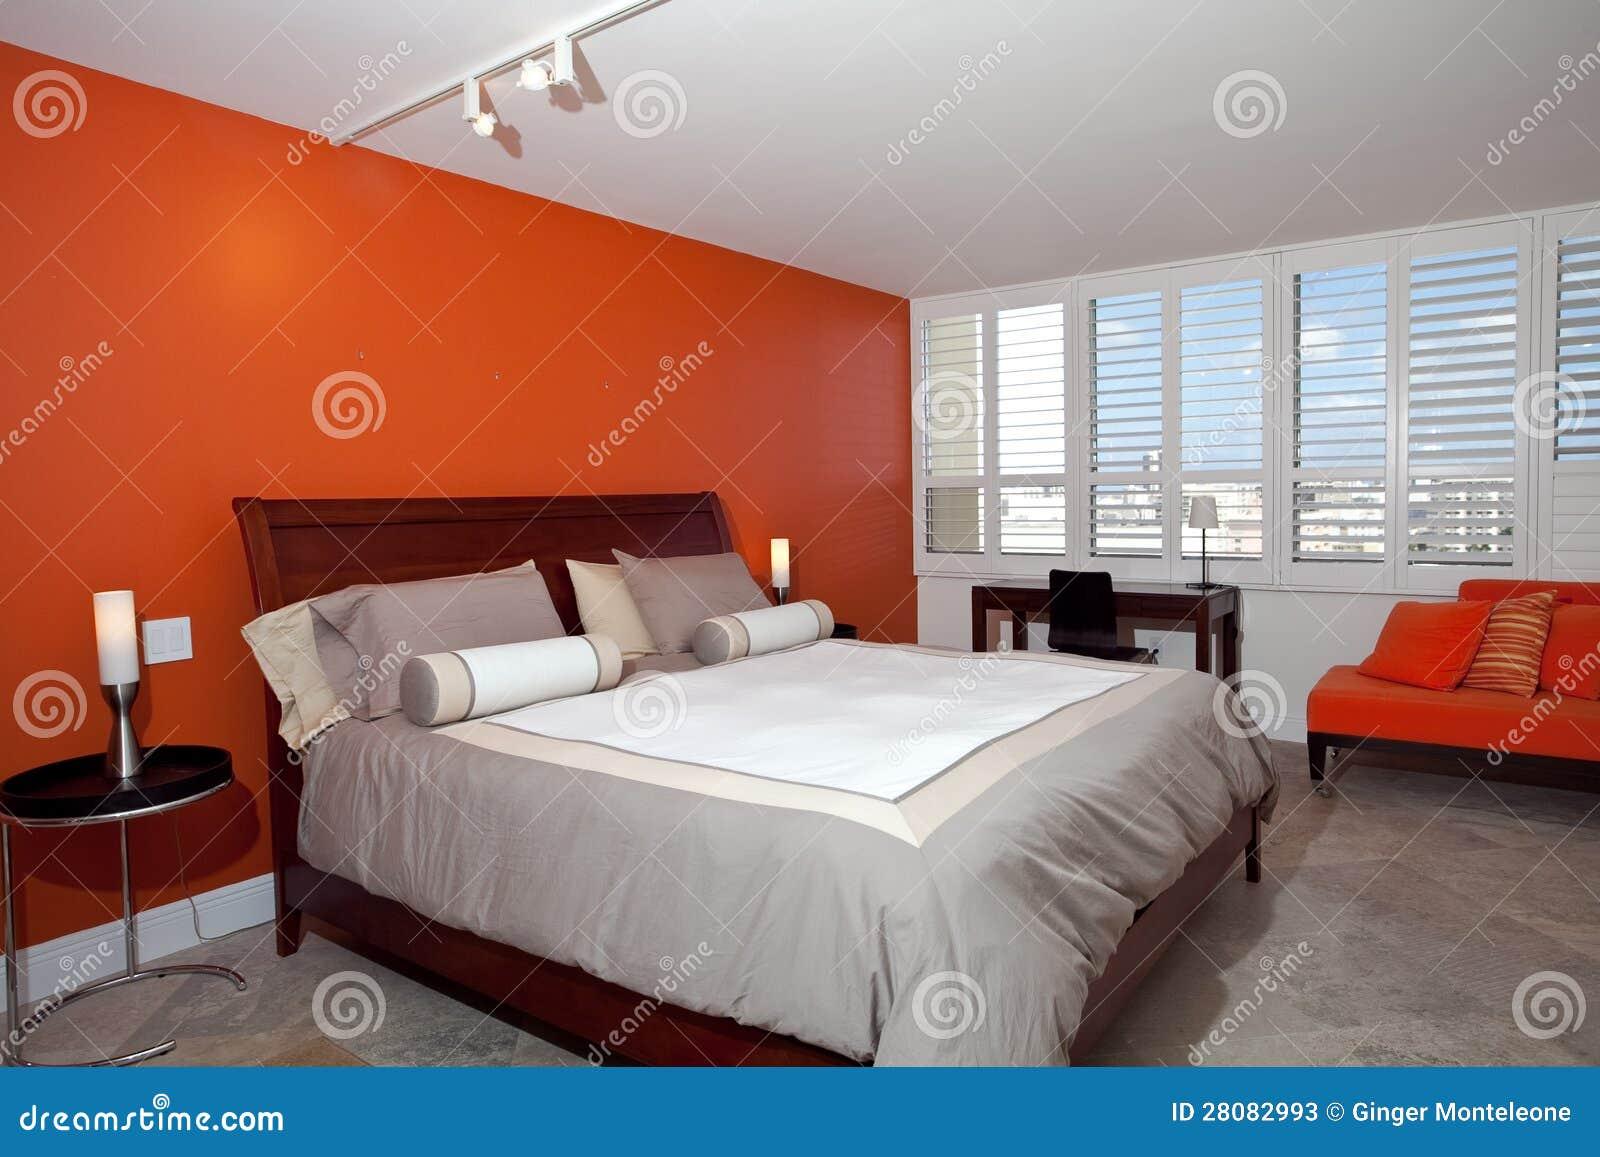 Camera Da Letto Con La Parete Arancio Bruciata Immagine Stock ...